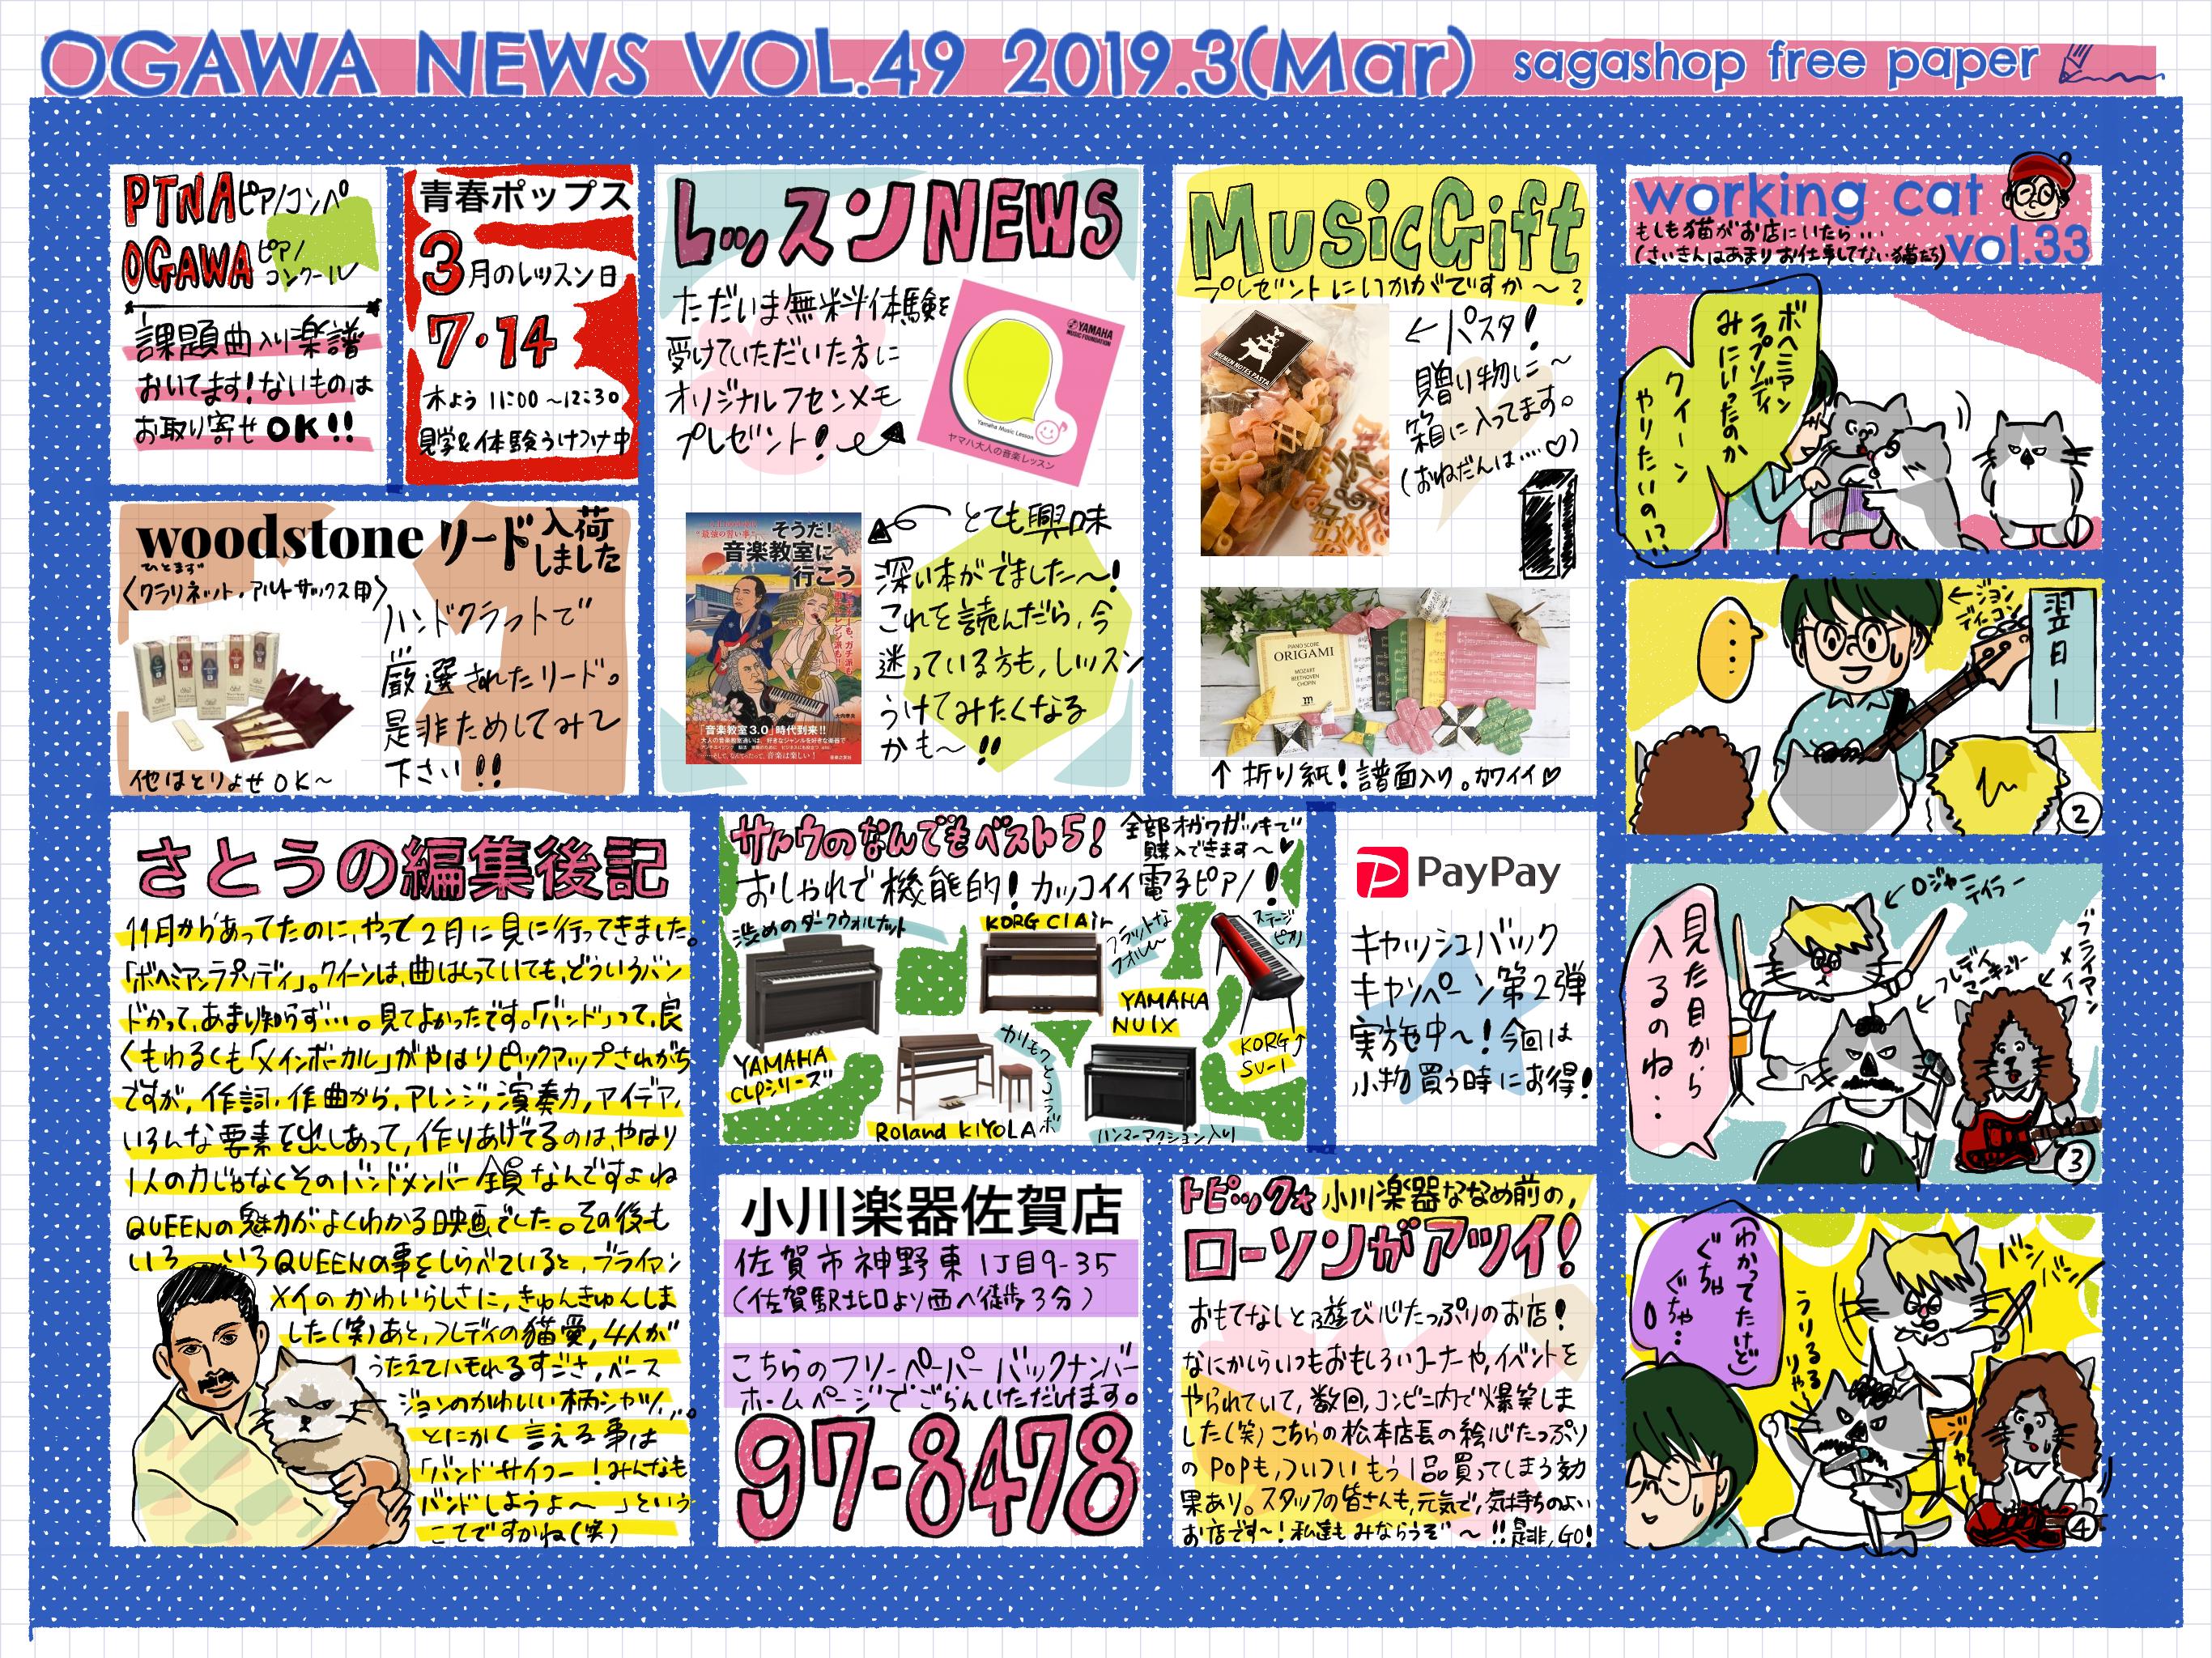 【佐賀店フリーペーパー】vol.49 2019年3月号